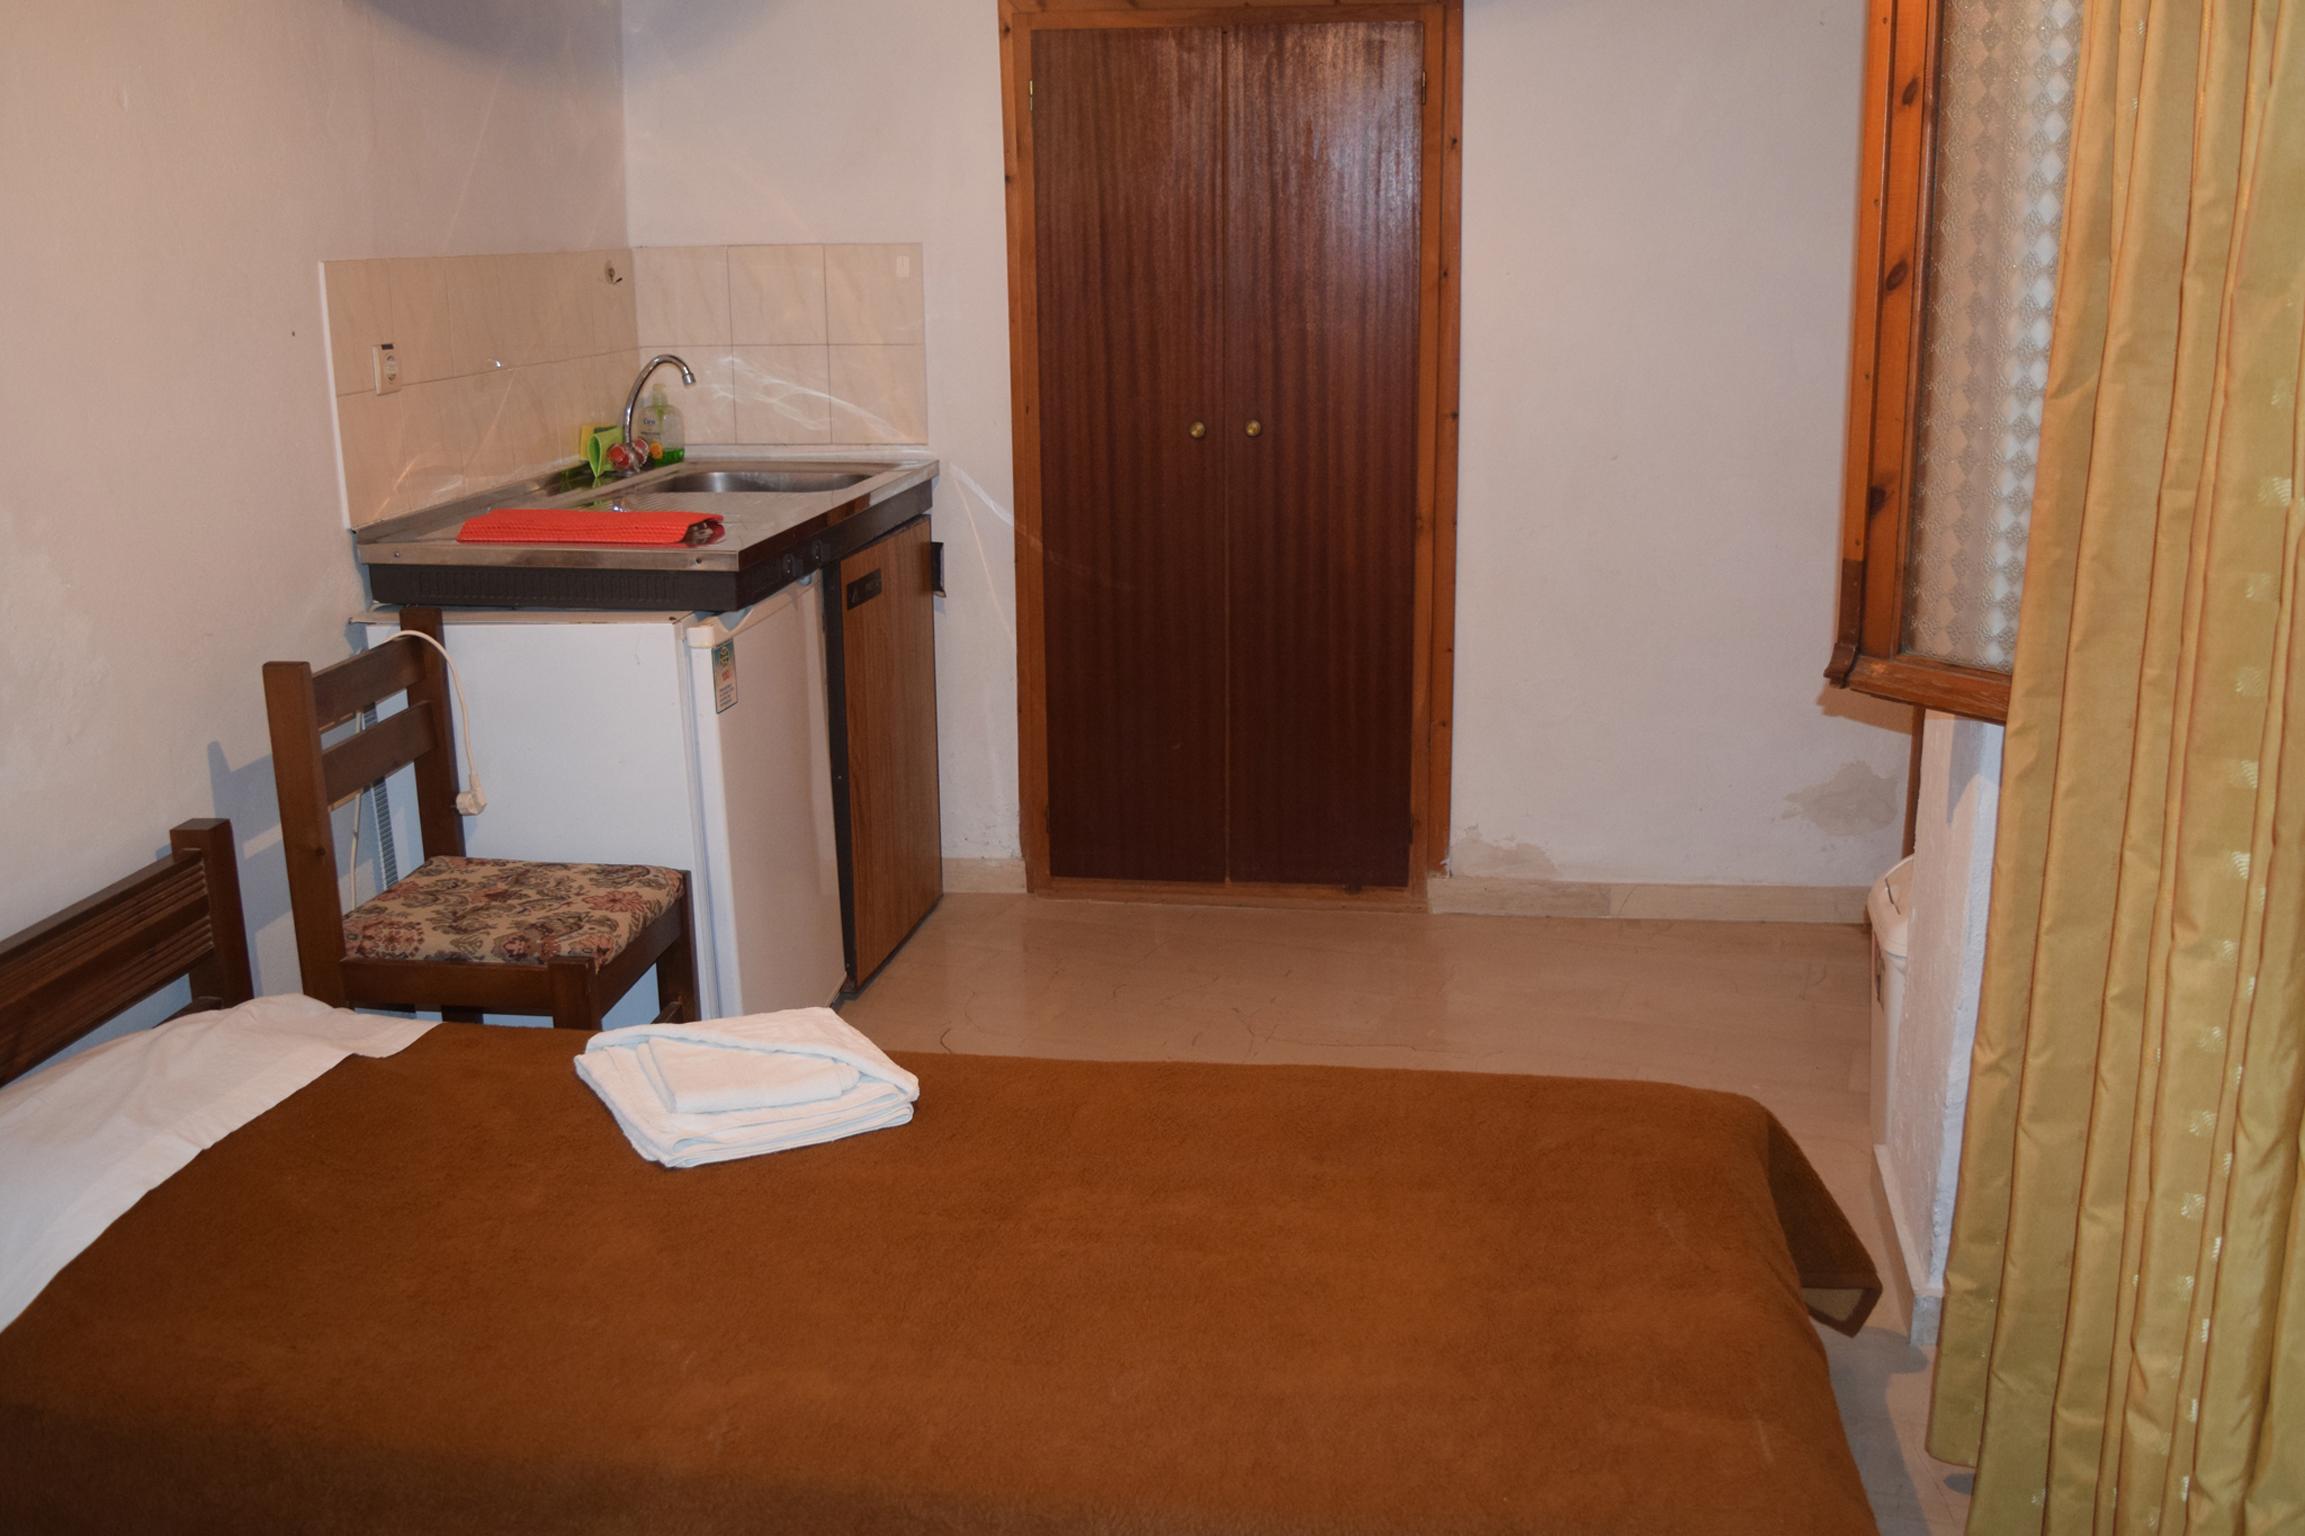 Diklino_Room2a.jpg